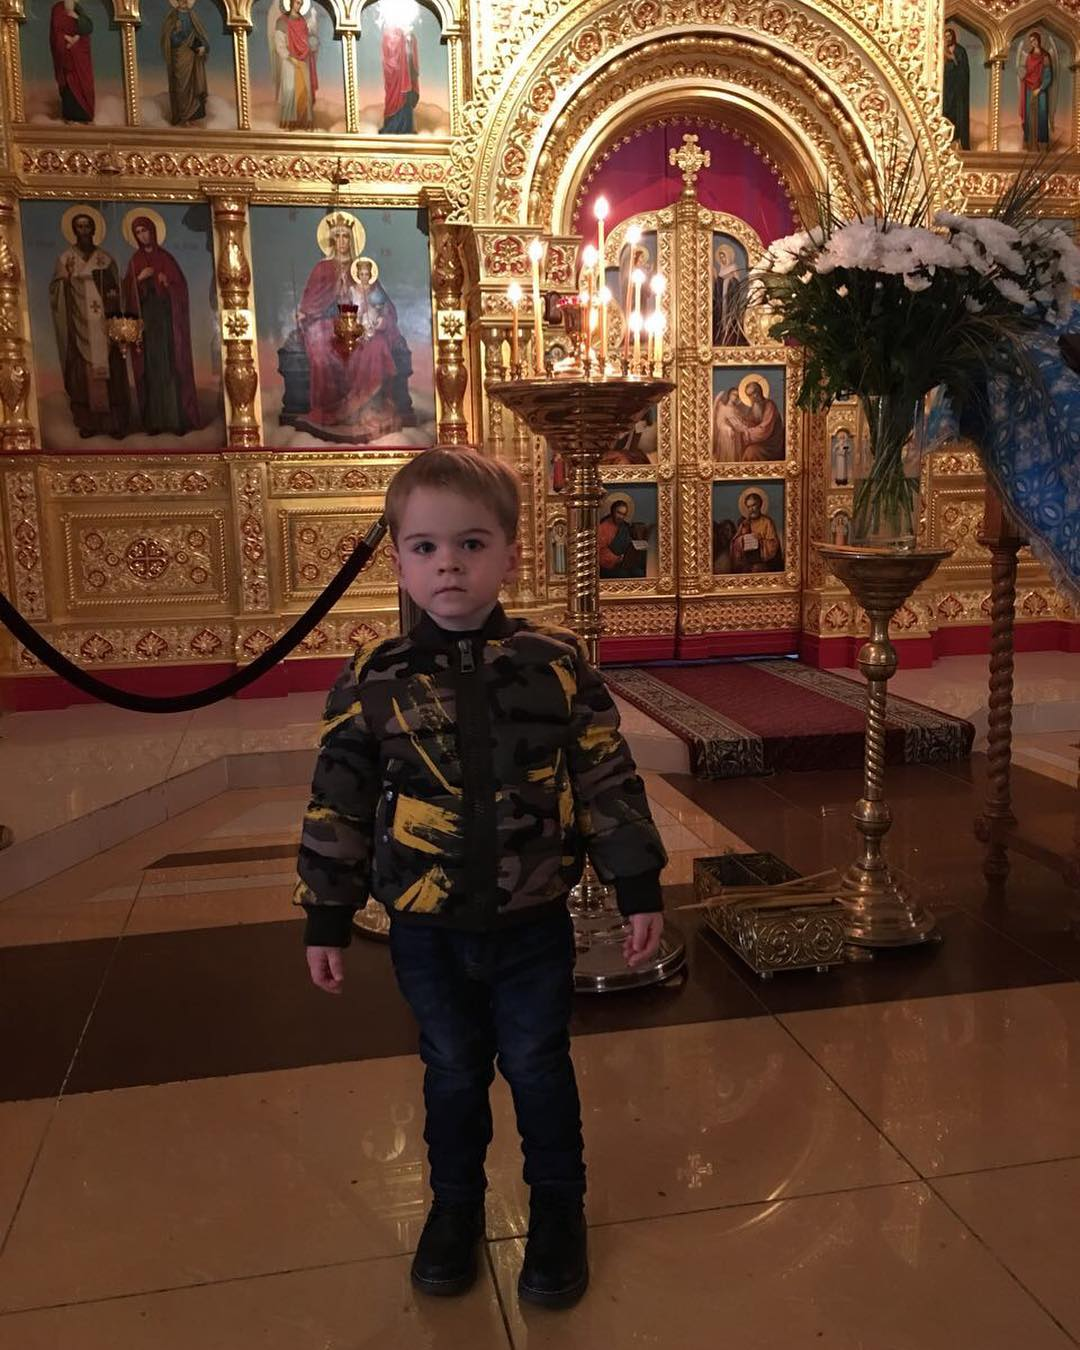 С Рождеством Христовым !!! Мой малышуня в церкви с большим интересом и любопытством смотрит и слушает... Всем Добра, Мира и Любви!! С праздником!!